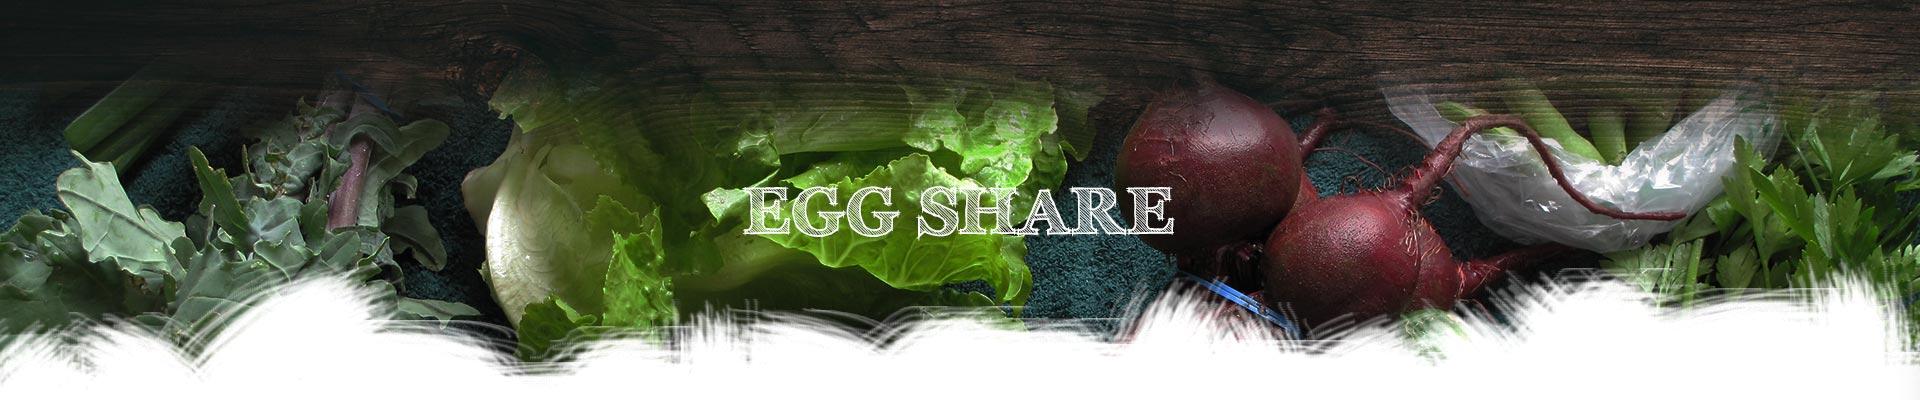 eggshare